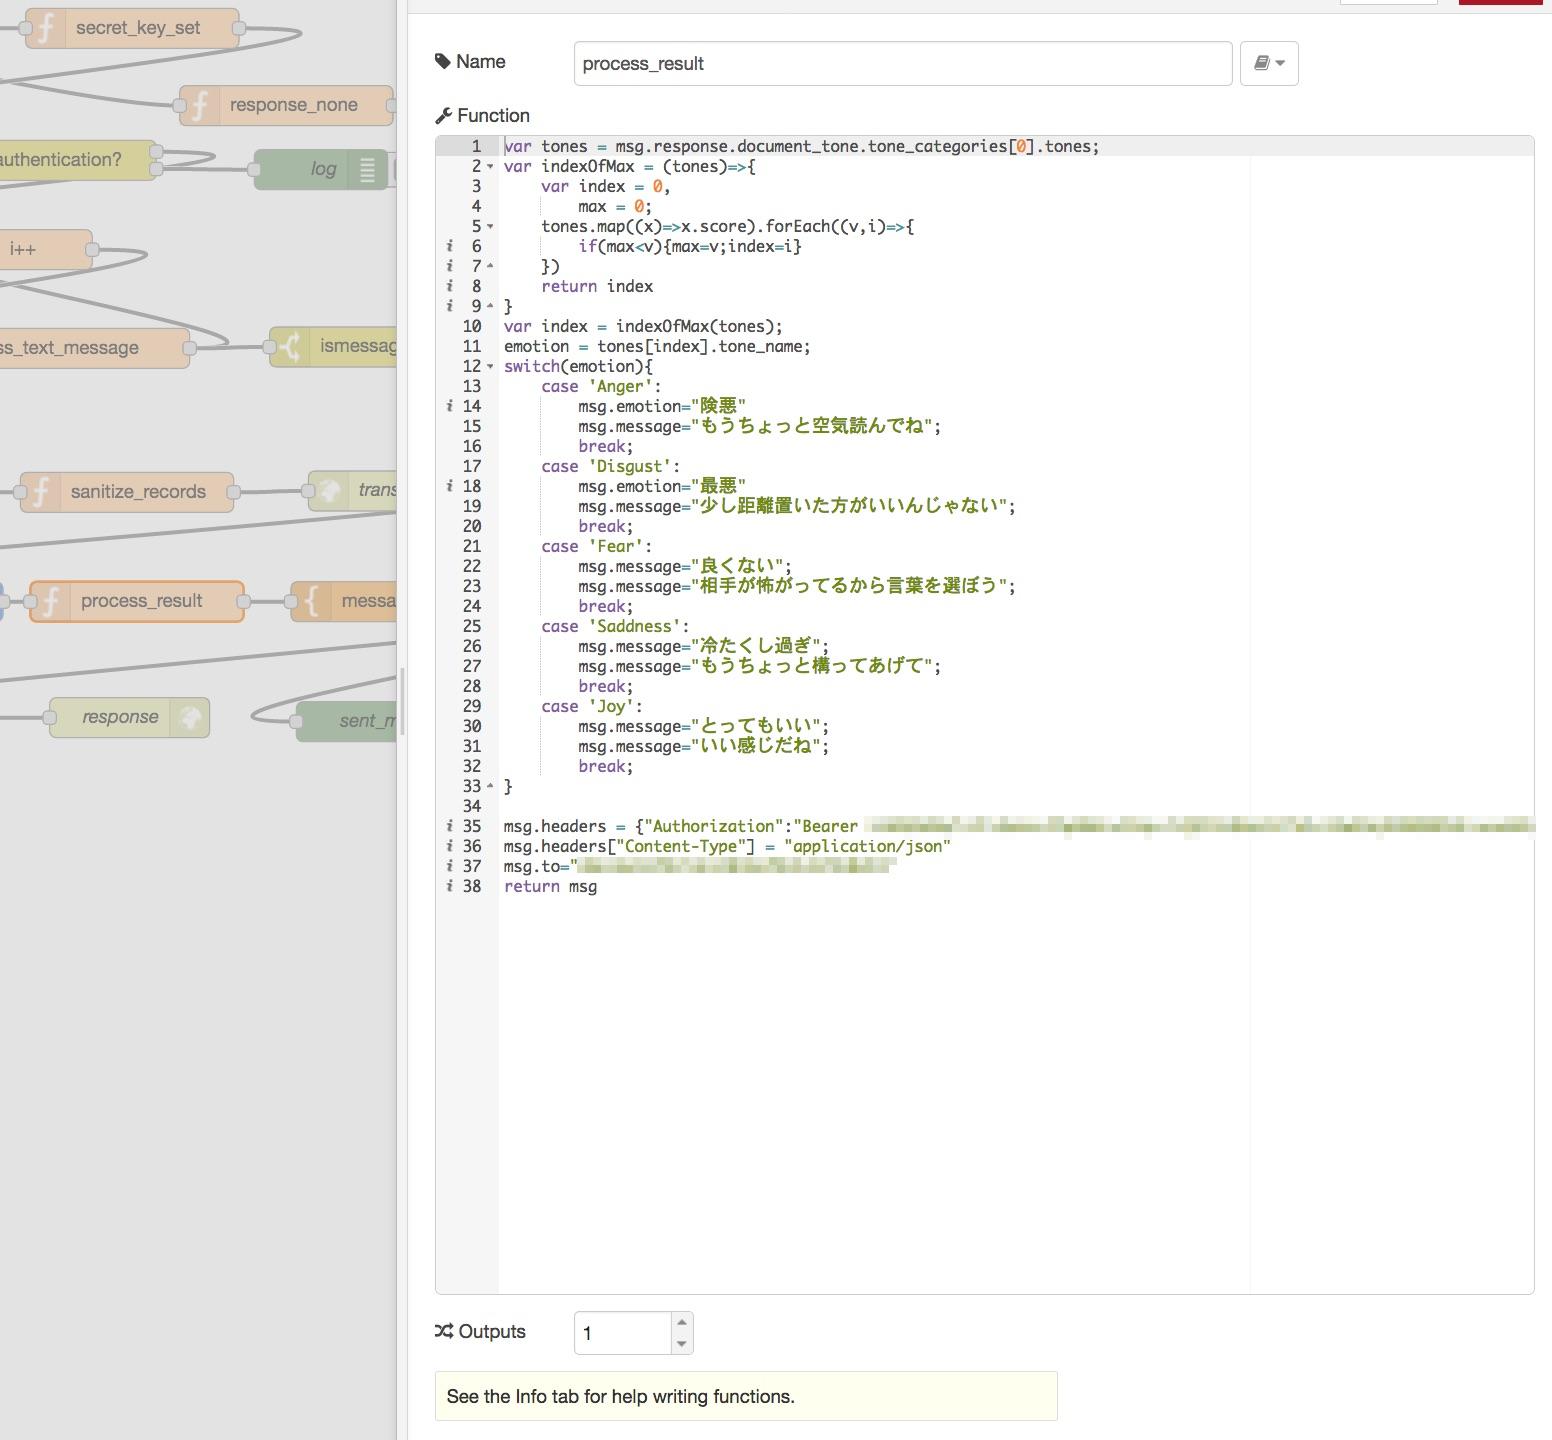 functionノードでheaderを設定する図